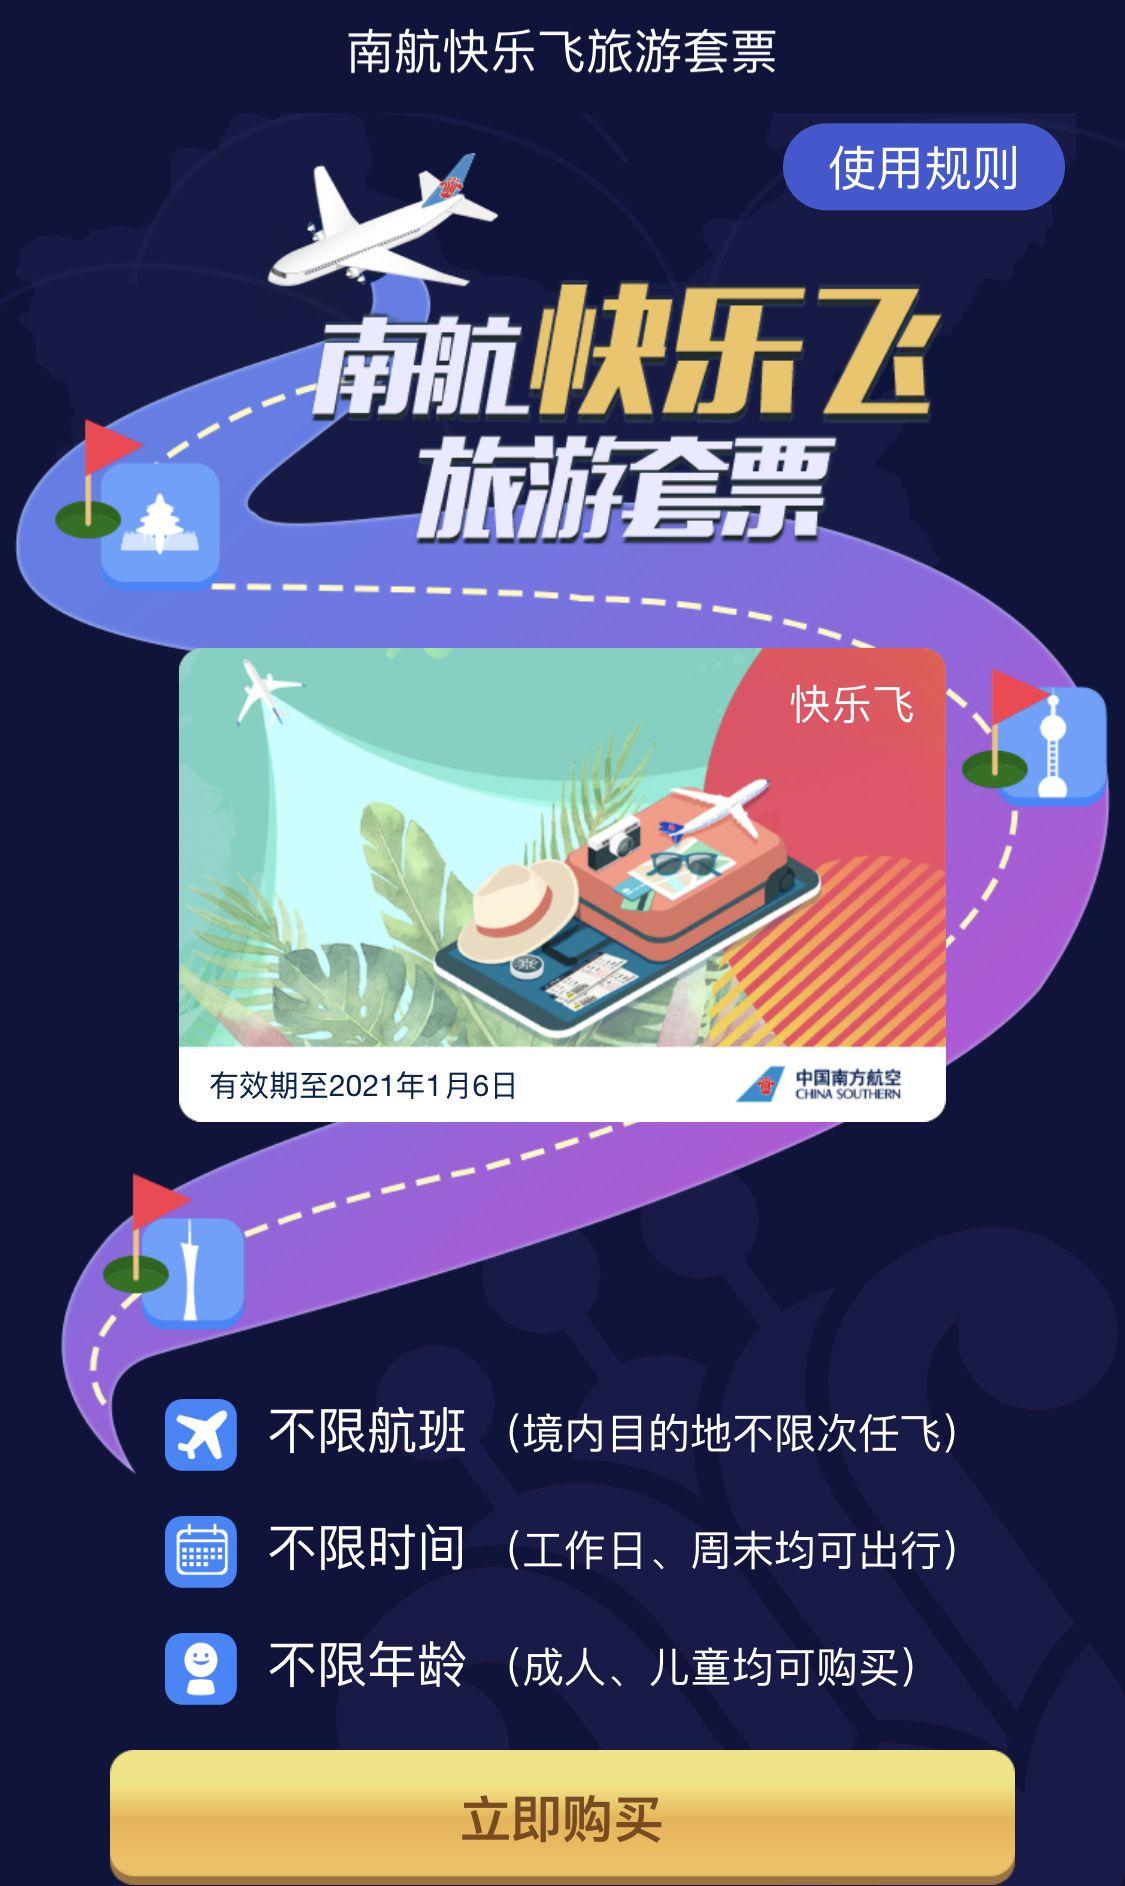 [杏悦]航上线3699元杏悦快乐飞套票不限航班时图片